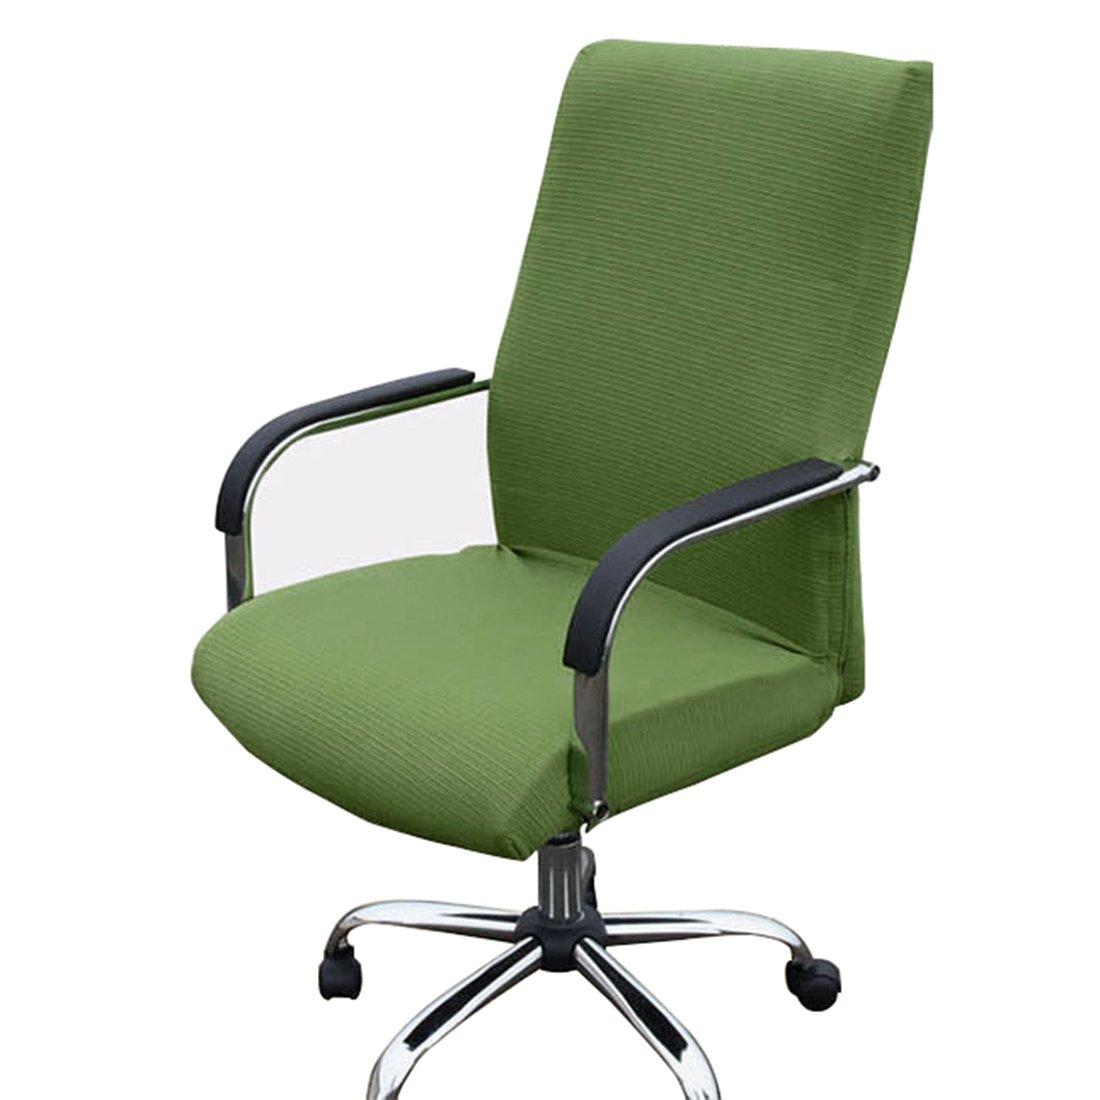 Funda MiLong para silla de oficina. Funda elástica y extraíble, elastano, verde claro, Medium